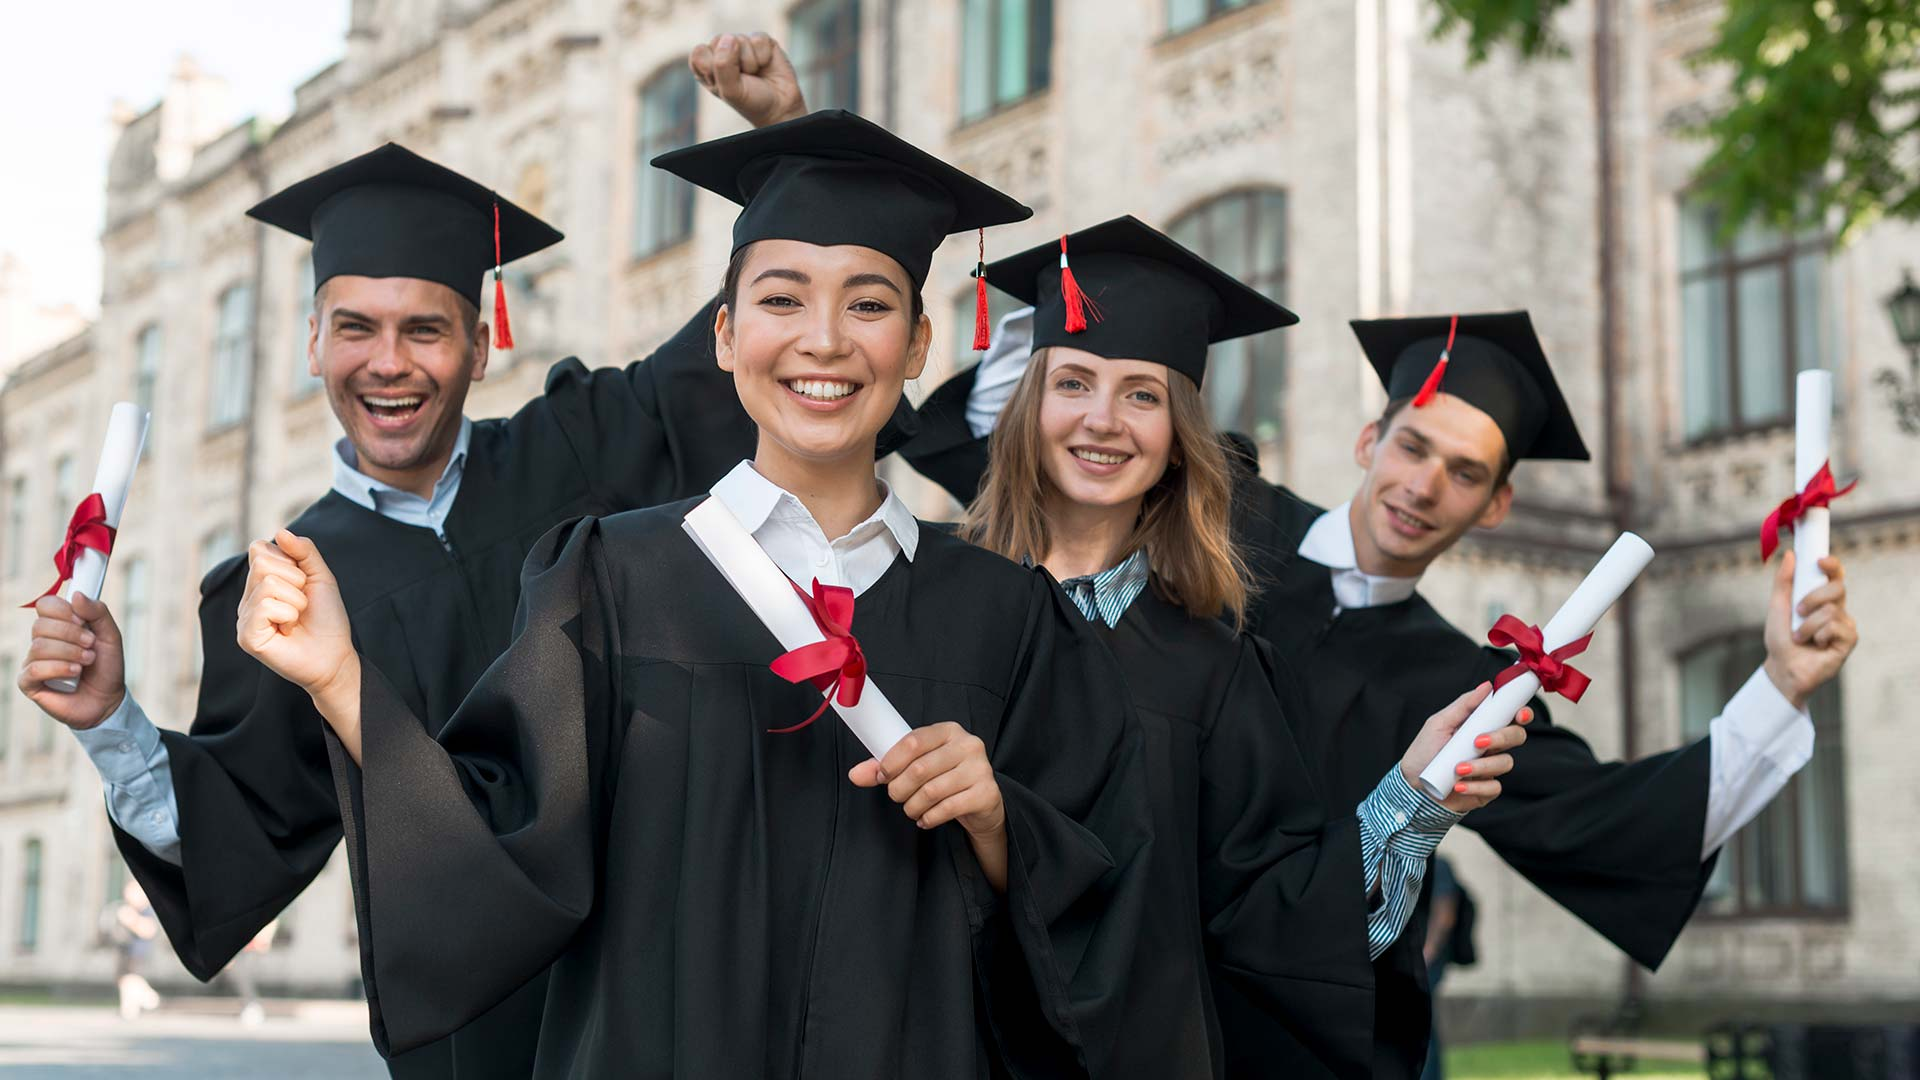 Стипендия правительства Турции для иностранных студентов на 2020-2021 учебный год – Общественная дипломатия